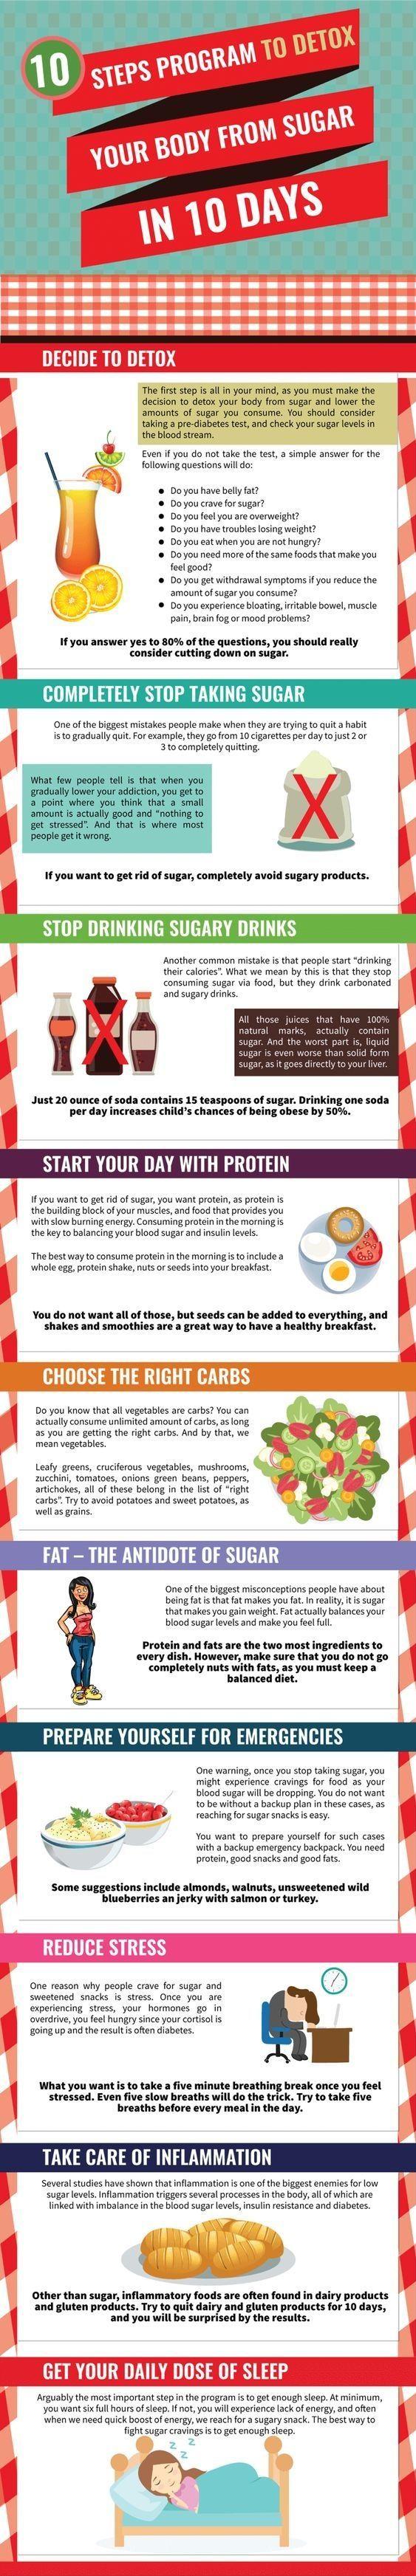 Wenn Sie anfangen möchten, gesund zu leben und zu essen, begrenzen Sie Ihre Zuckermenge in